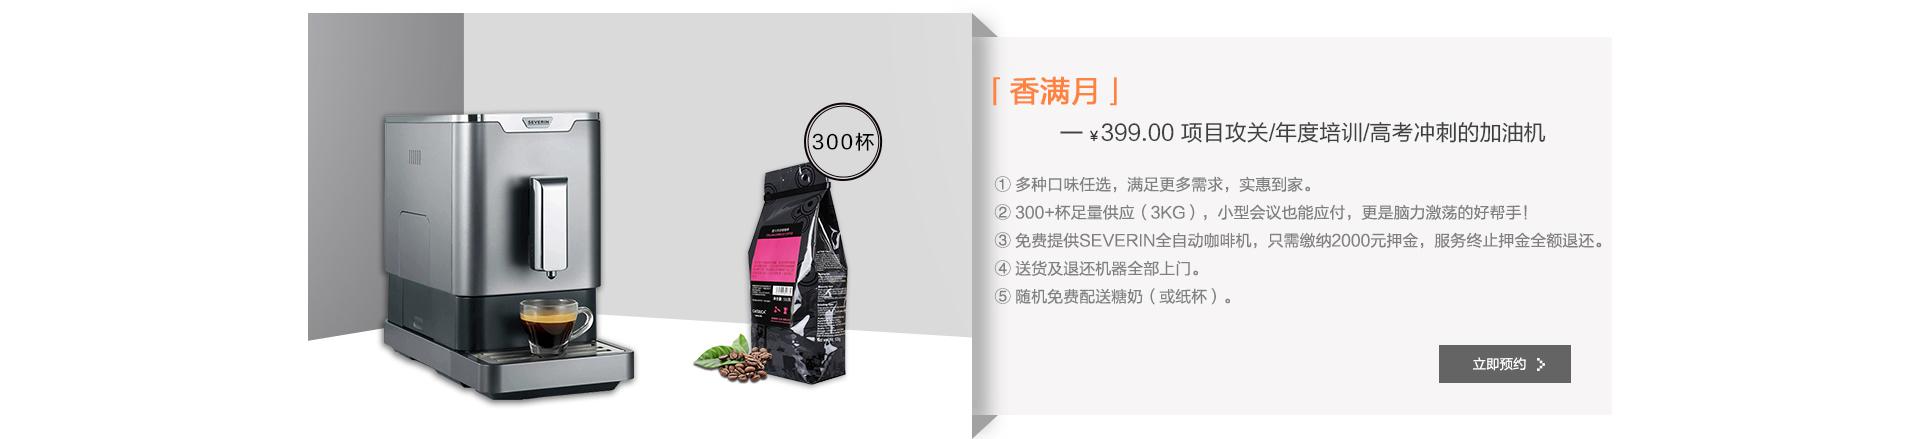 咖啡机服务_03